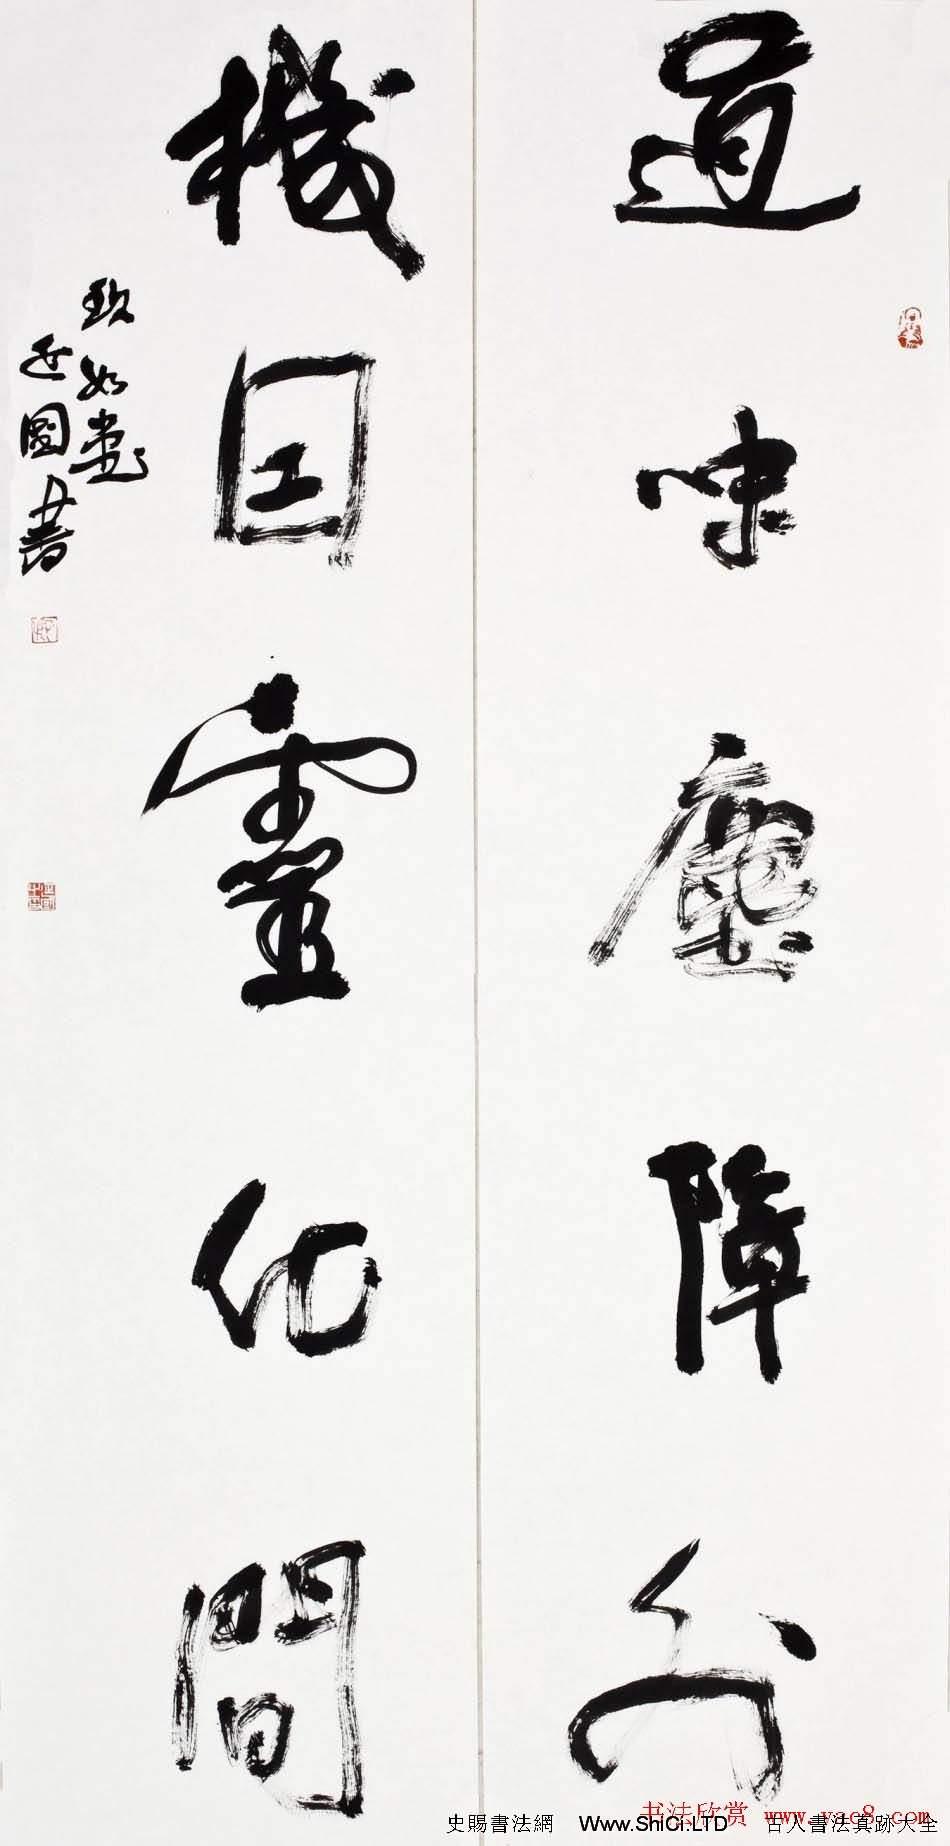 書法講師殷延國書法作品真跡欣賞(共33張圖片)